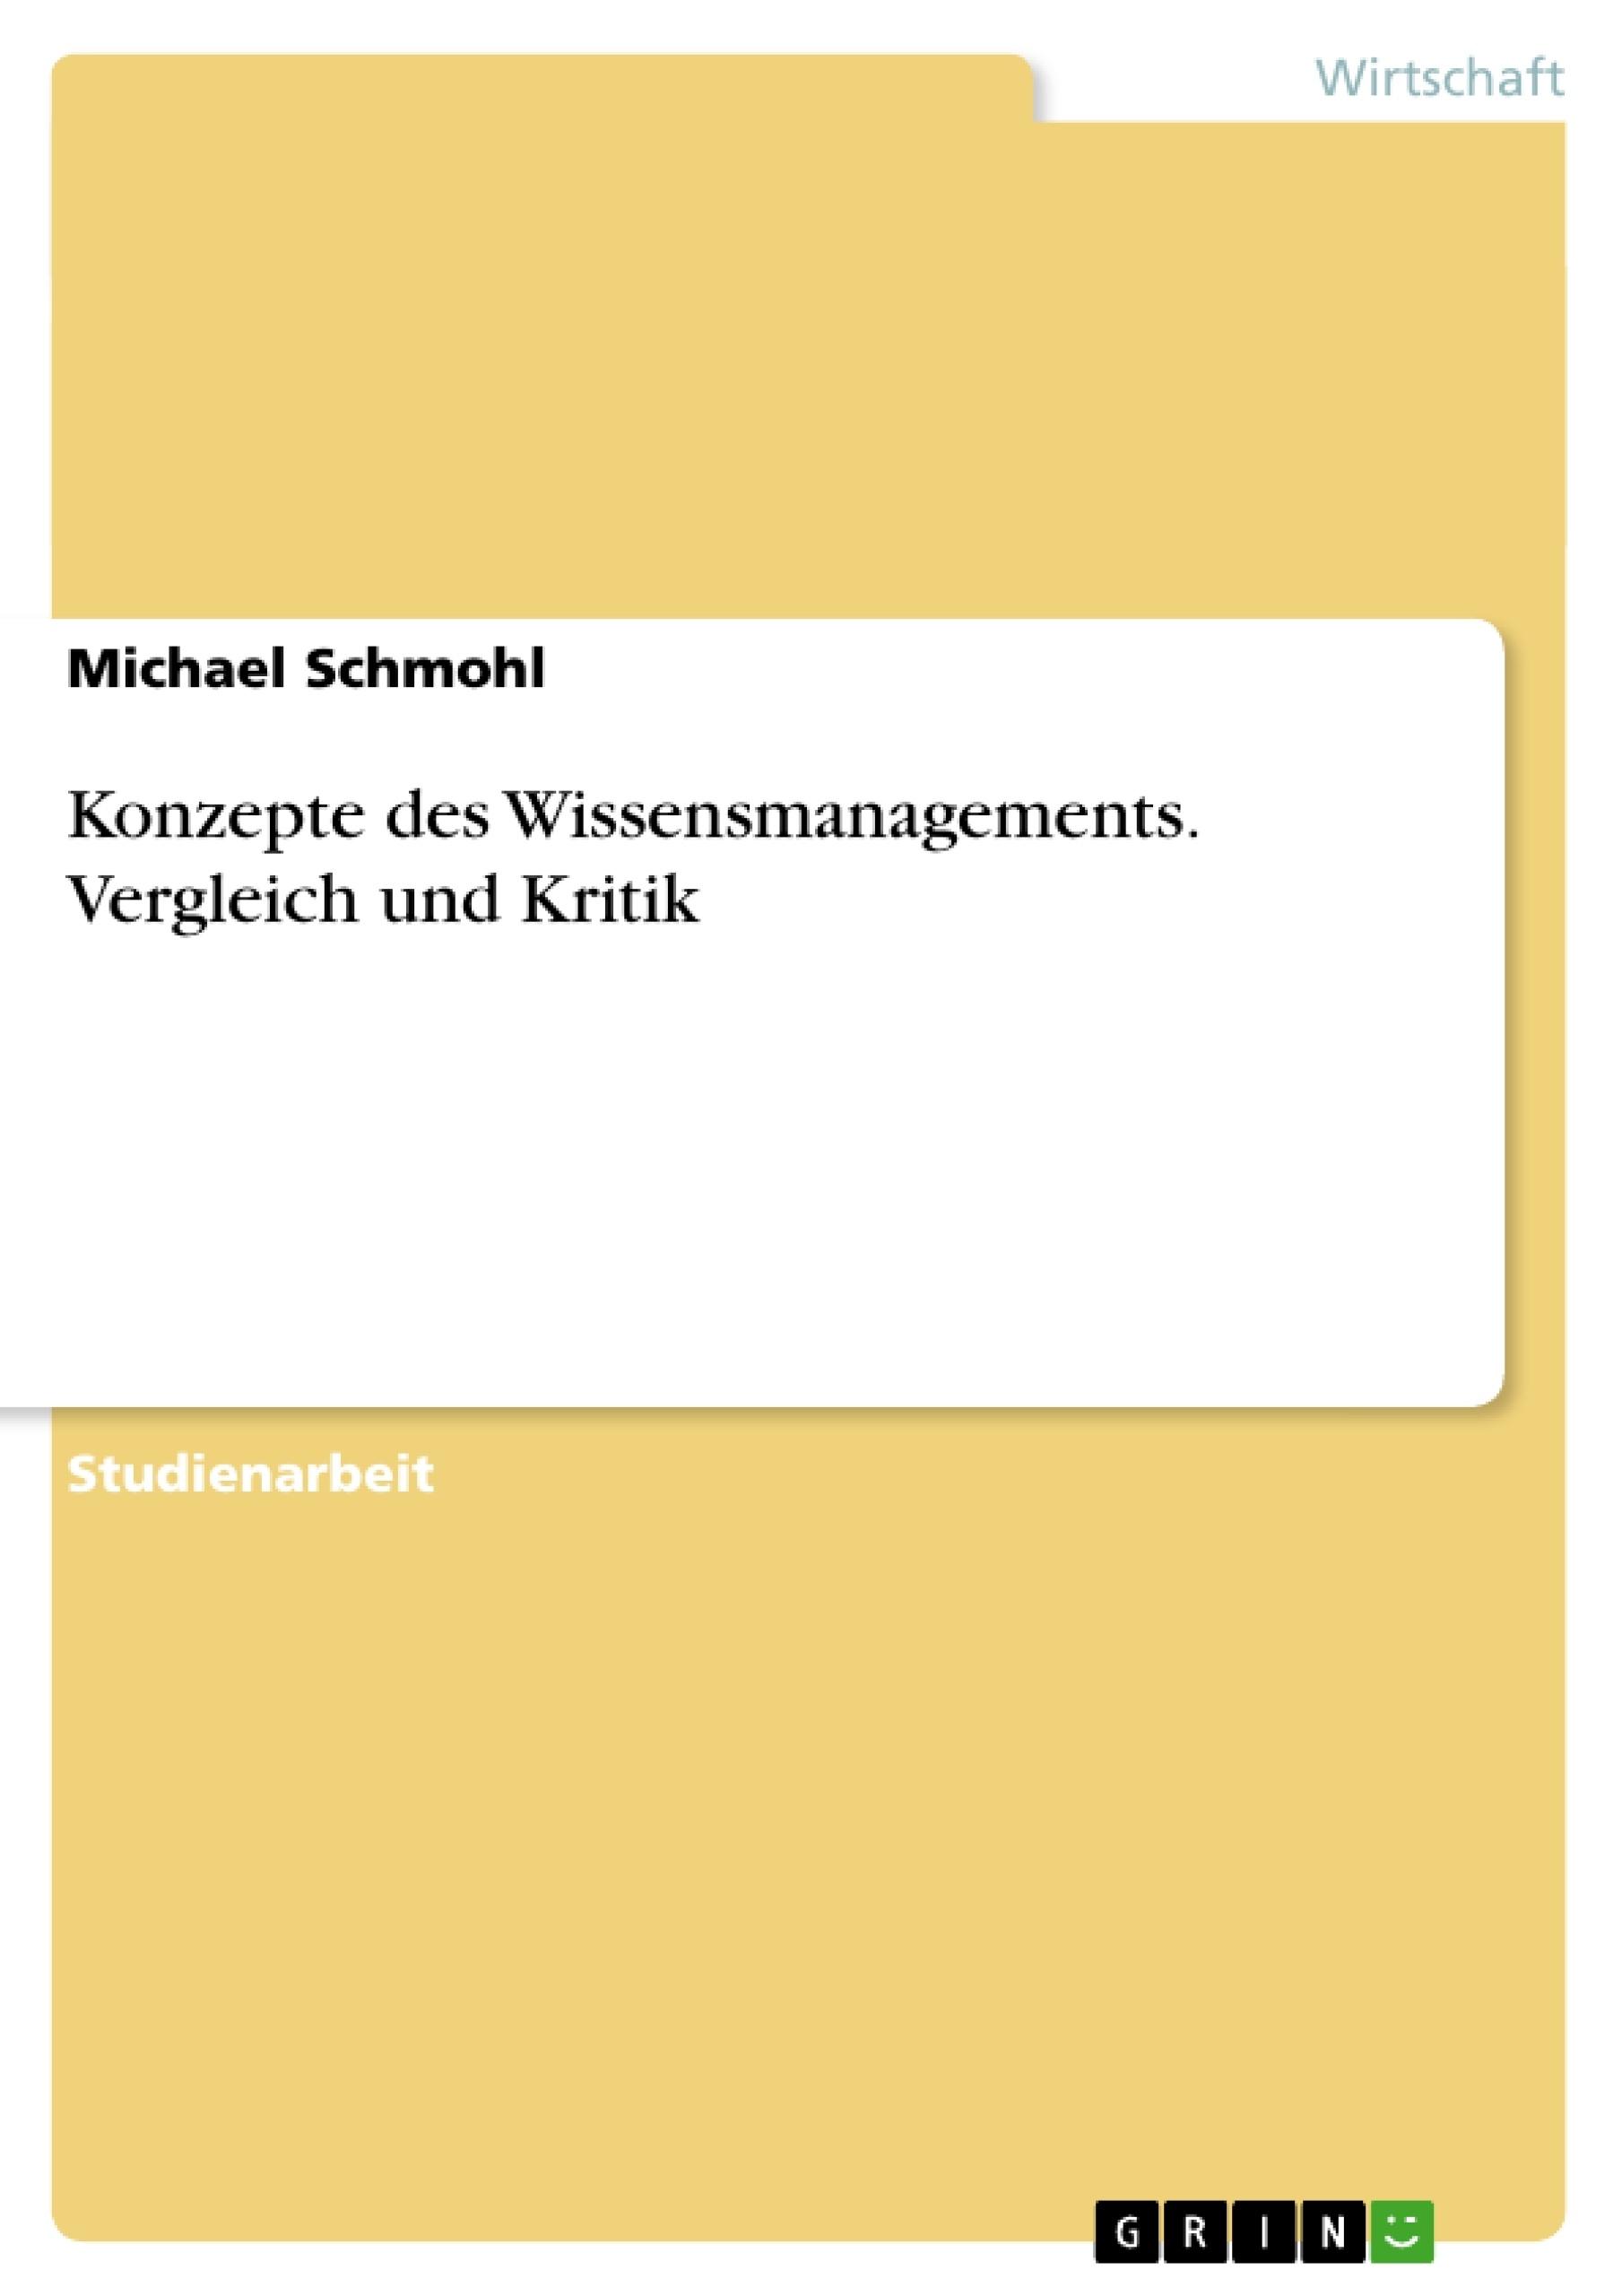 Titel: Konzepte des Wissensmanagements. Vergleich und Kritik